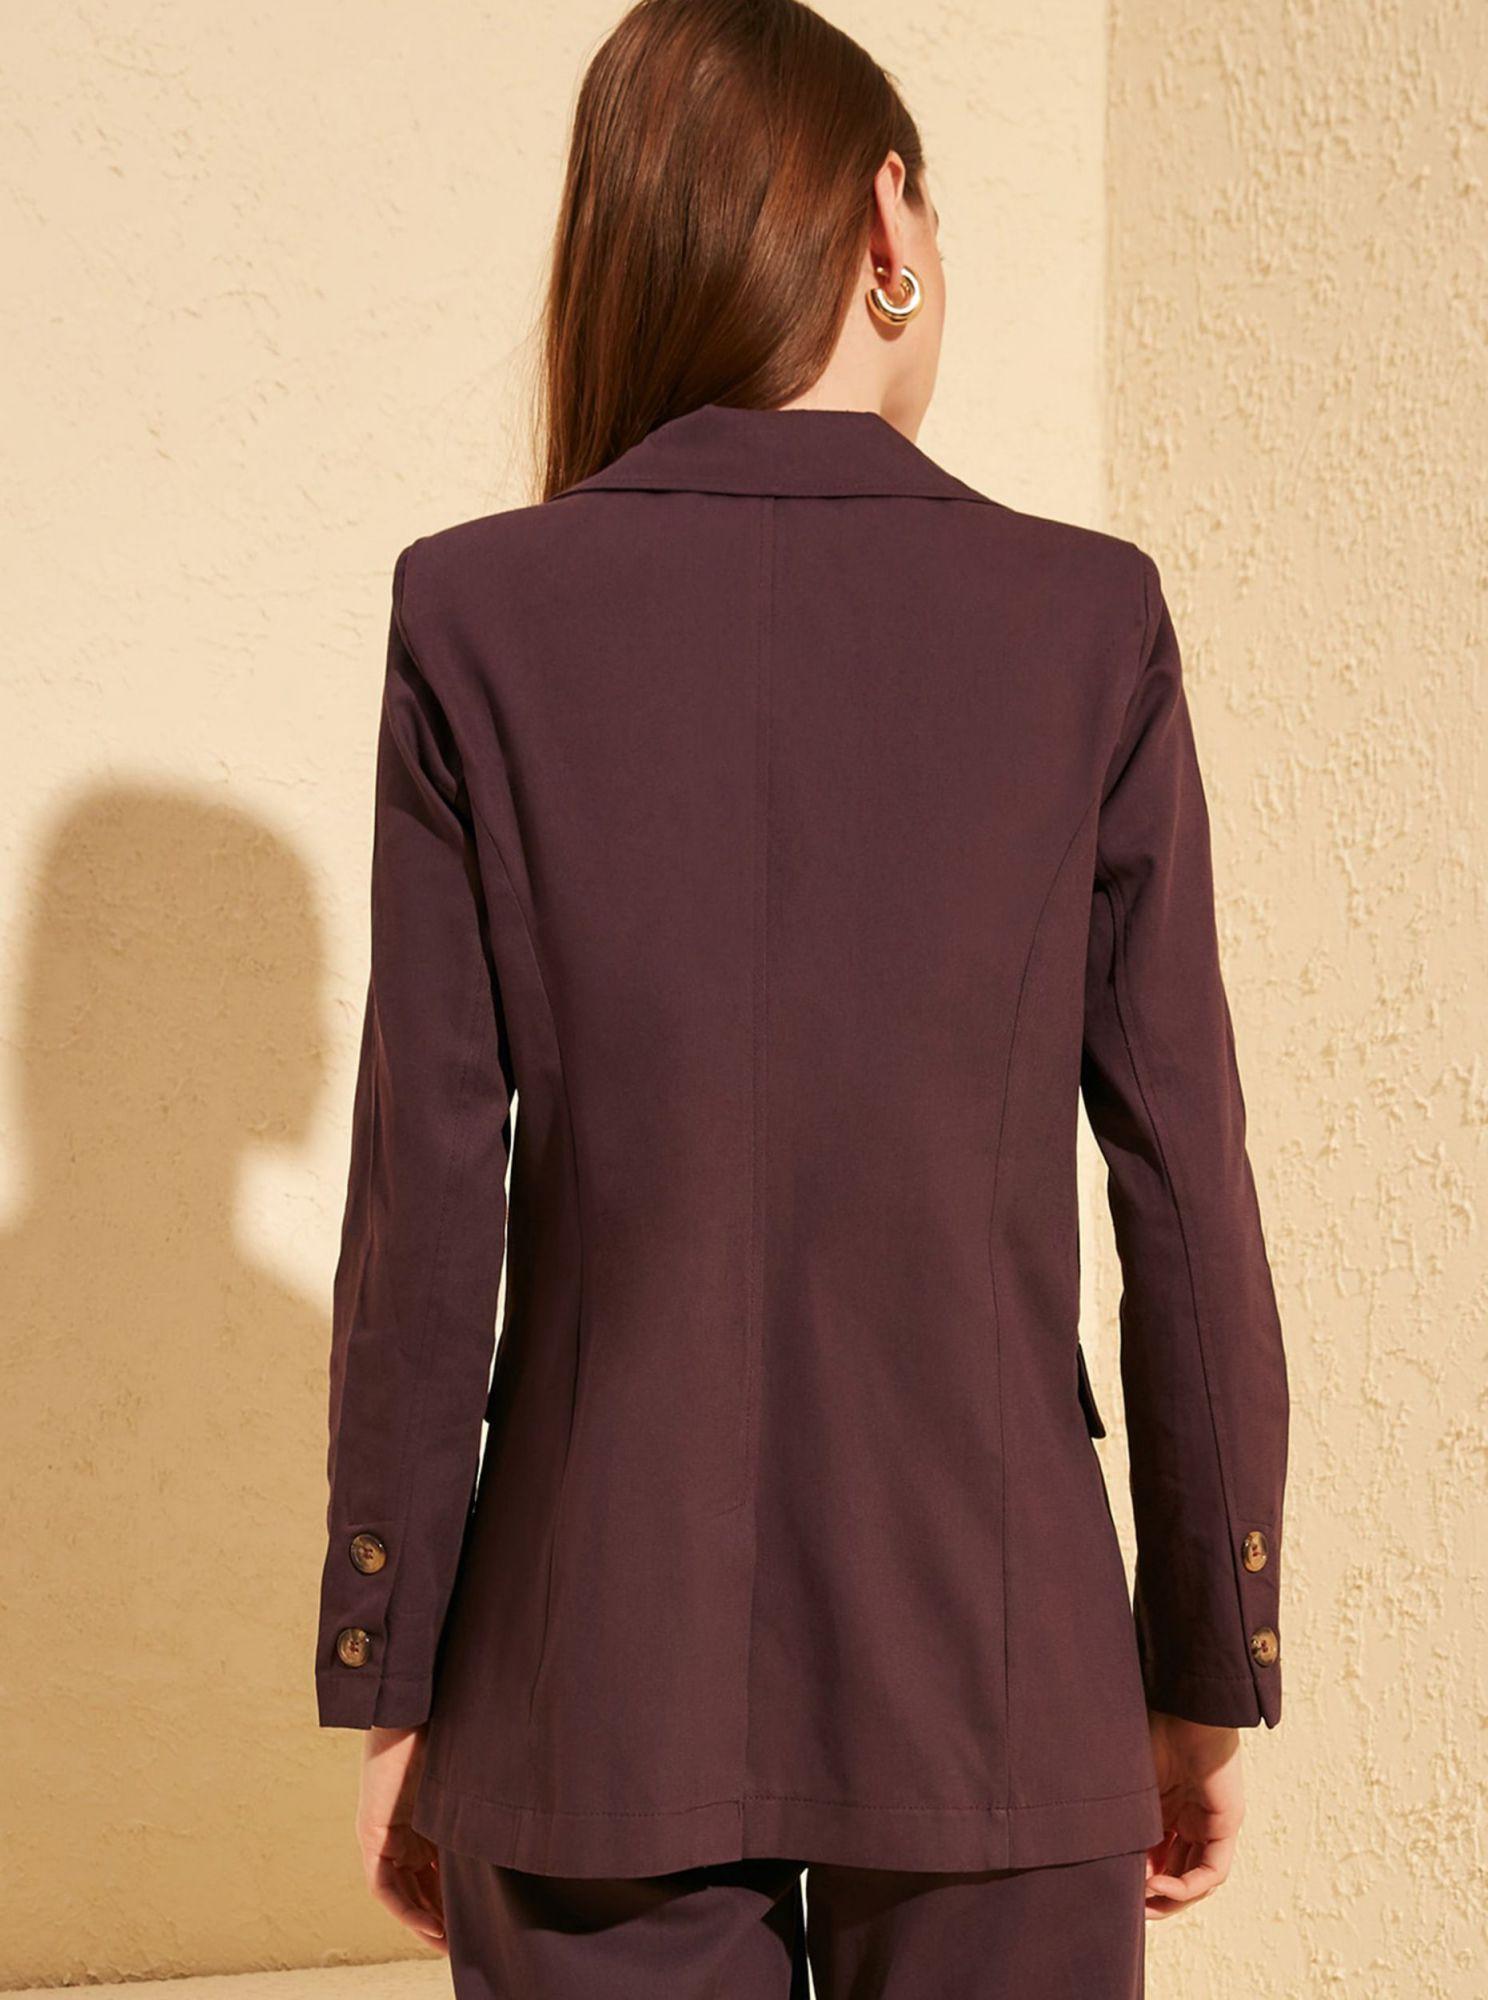 Hnedé sako Trendyol - S dámské fialová S